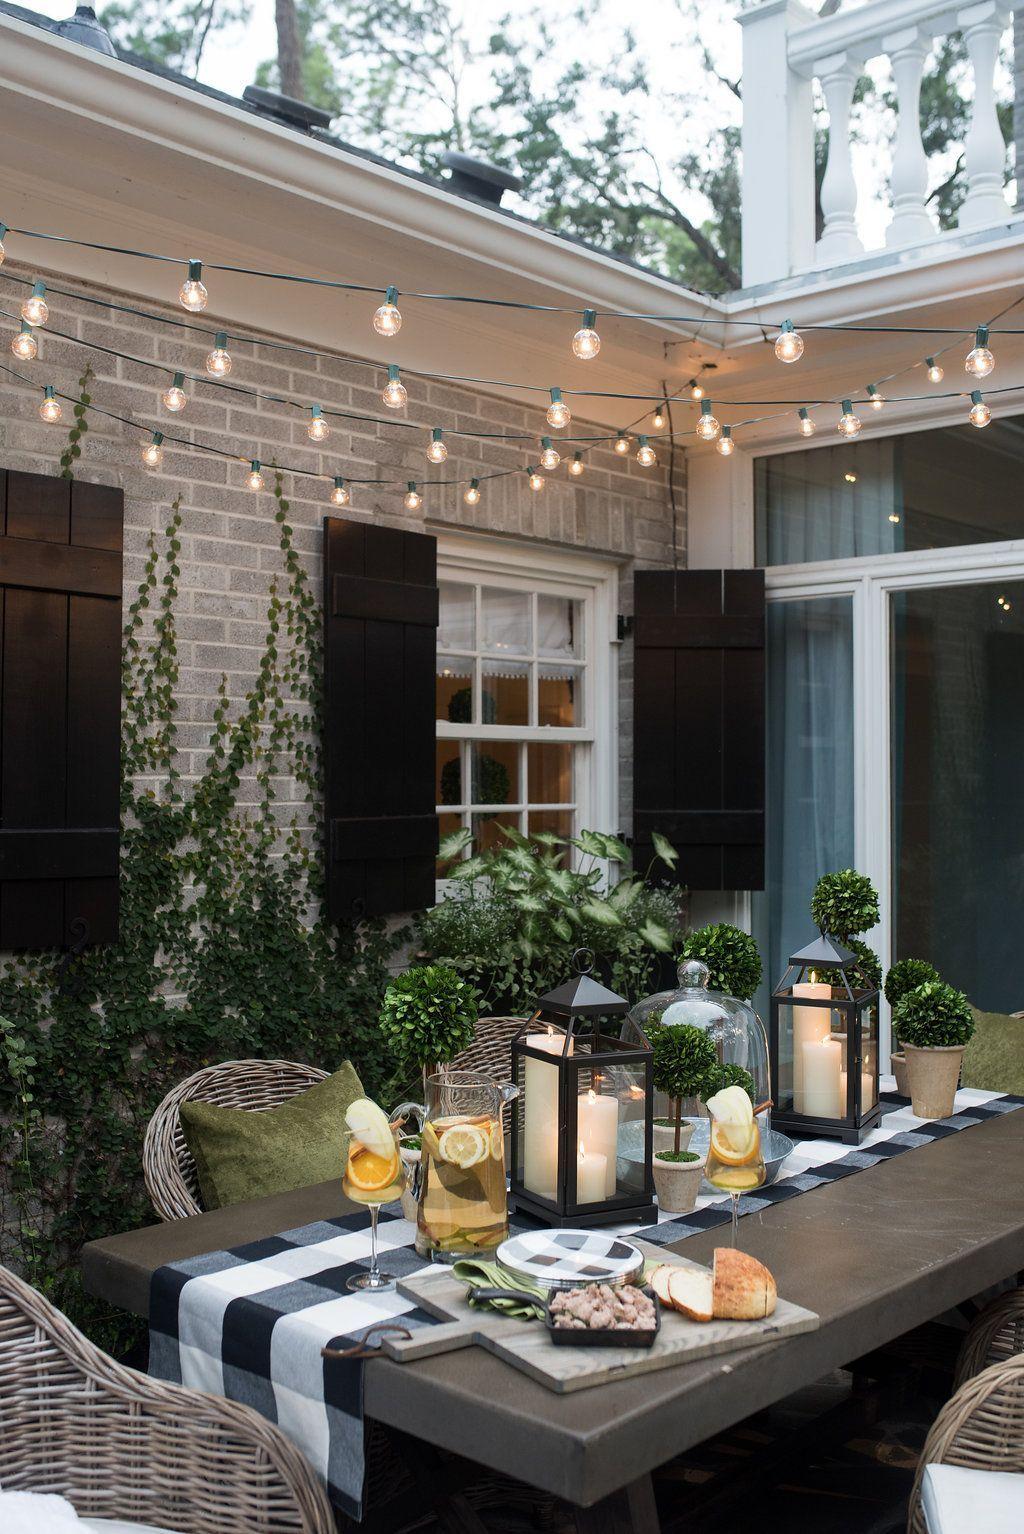 Pin de elyde roa en jardines terraza casa decoraciones - Decoracion patios pequenos ...